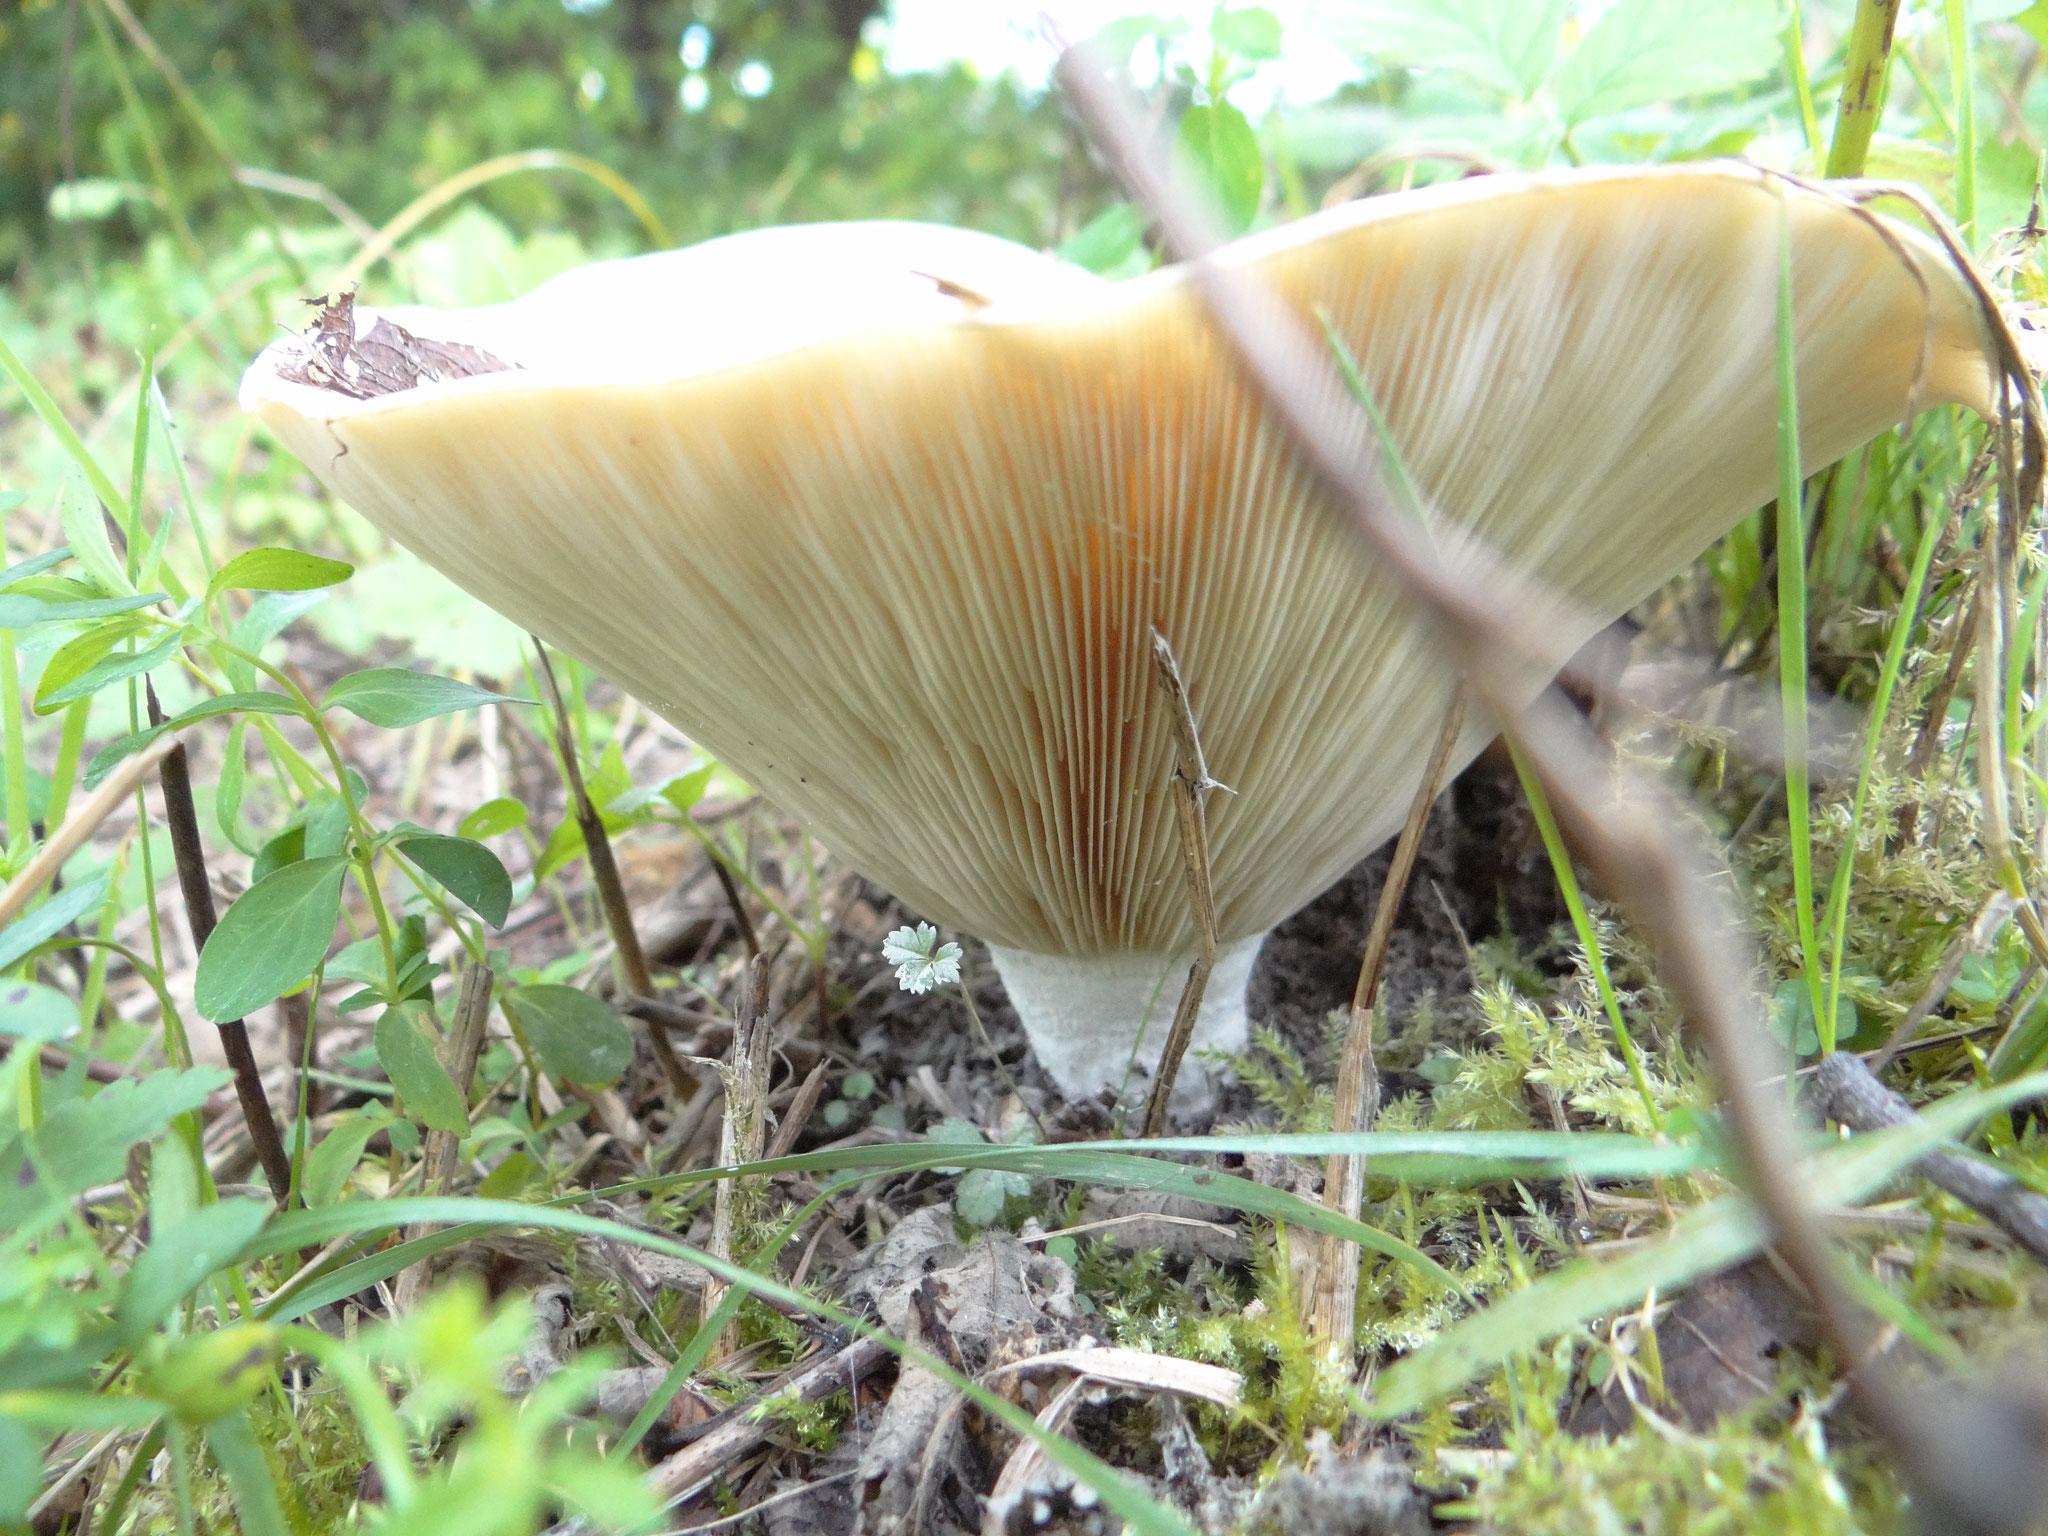 Aber auch unbewegliche Naturmotive wie dieser Pilz waren beliebt